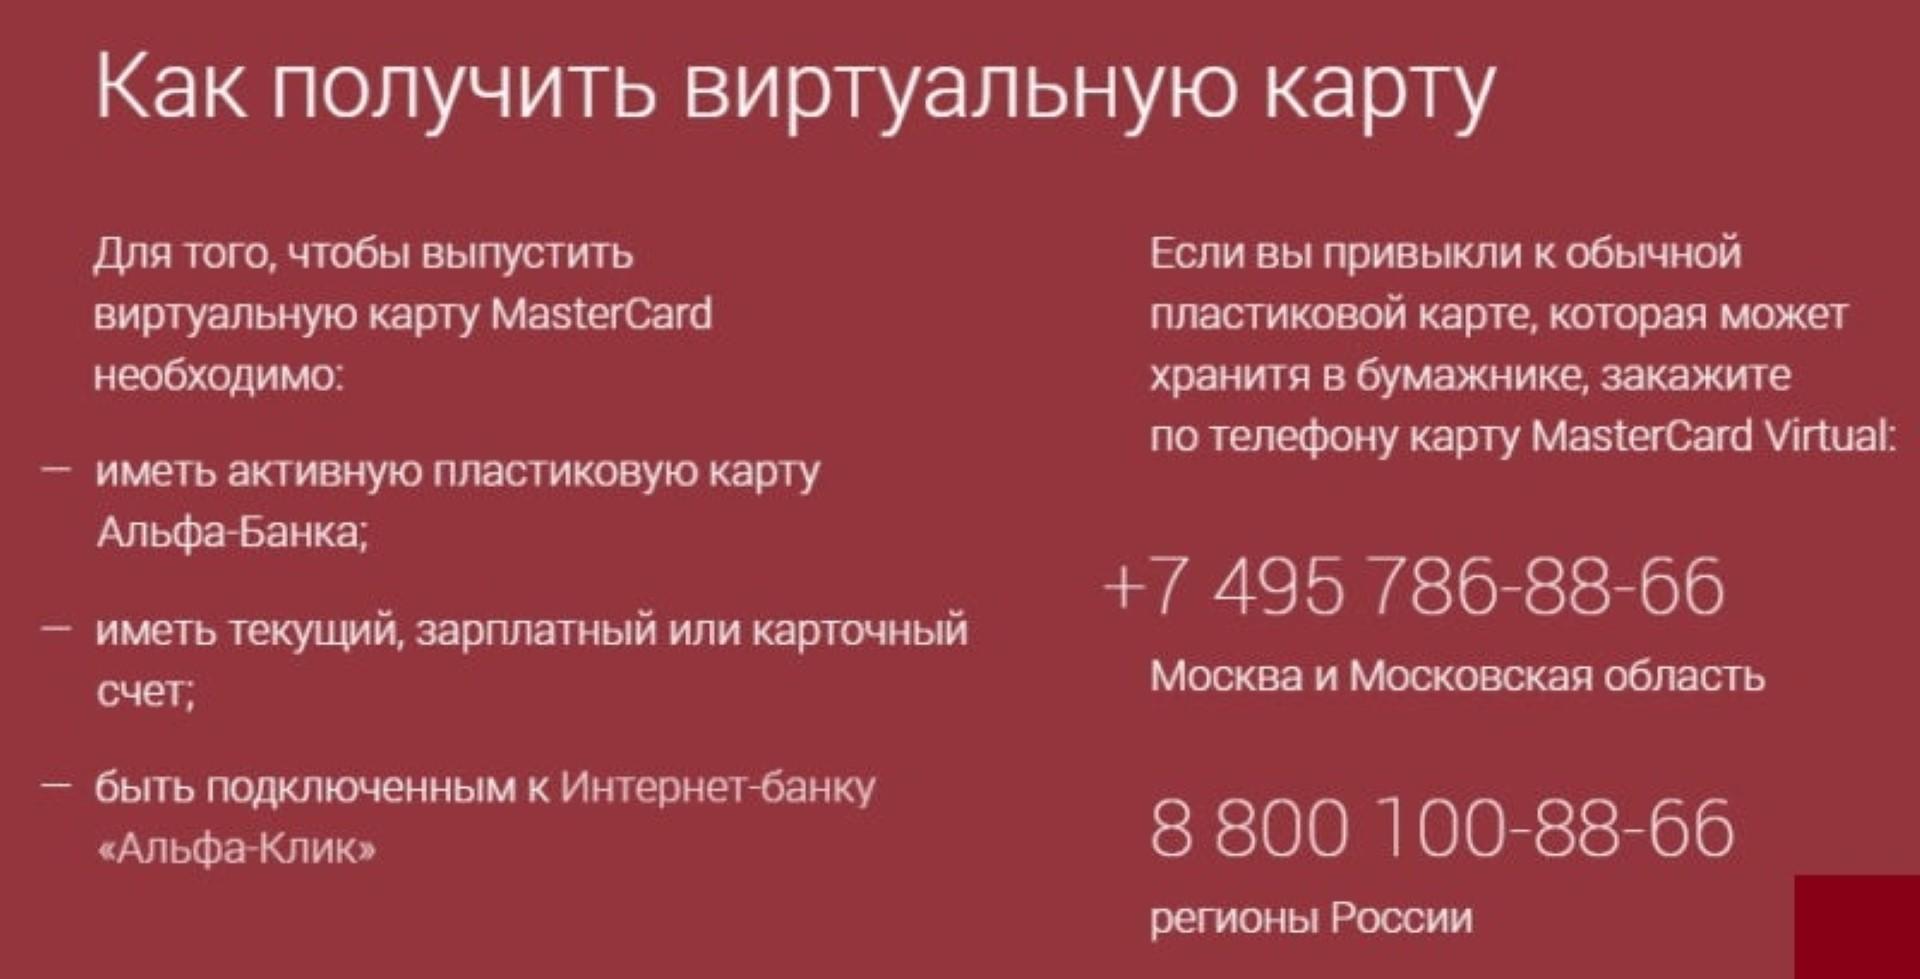 Изображение - Как создать виртуальную карту альфа-банк Kak-poluchit-virtualnuyu-kartu-Alfa-Banka